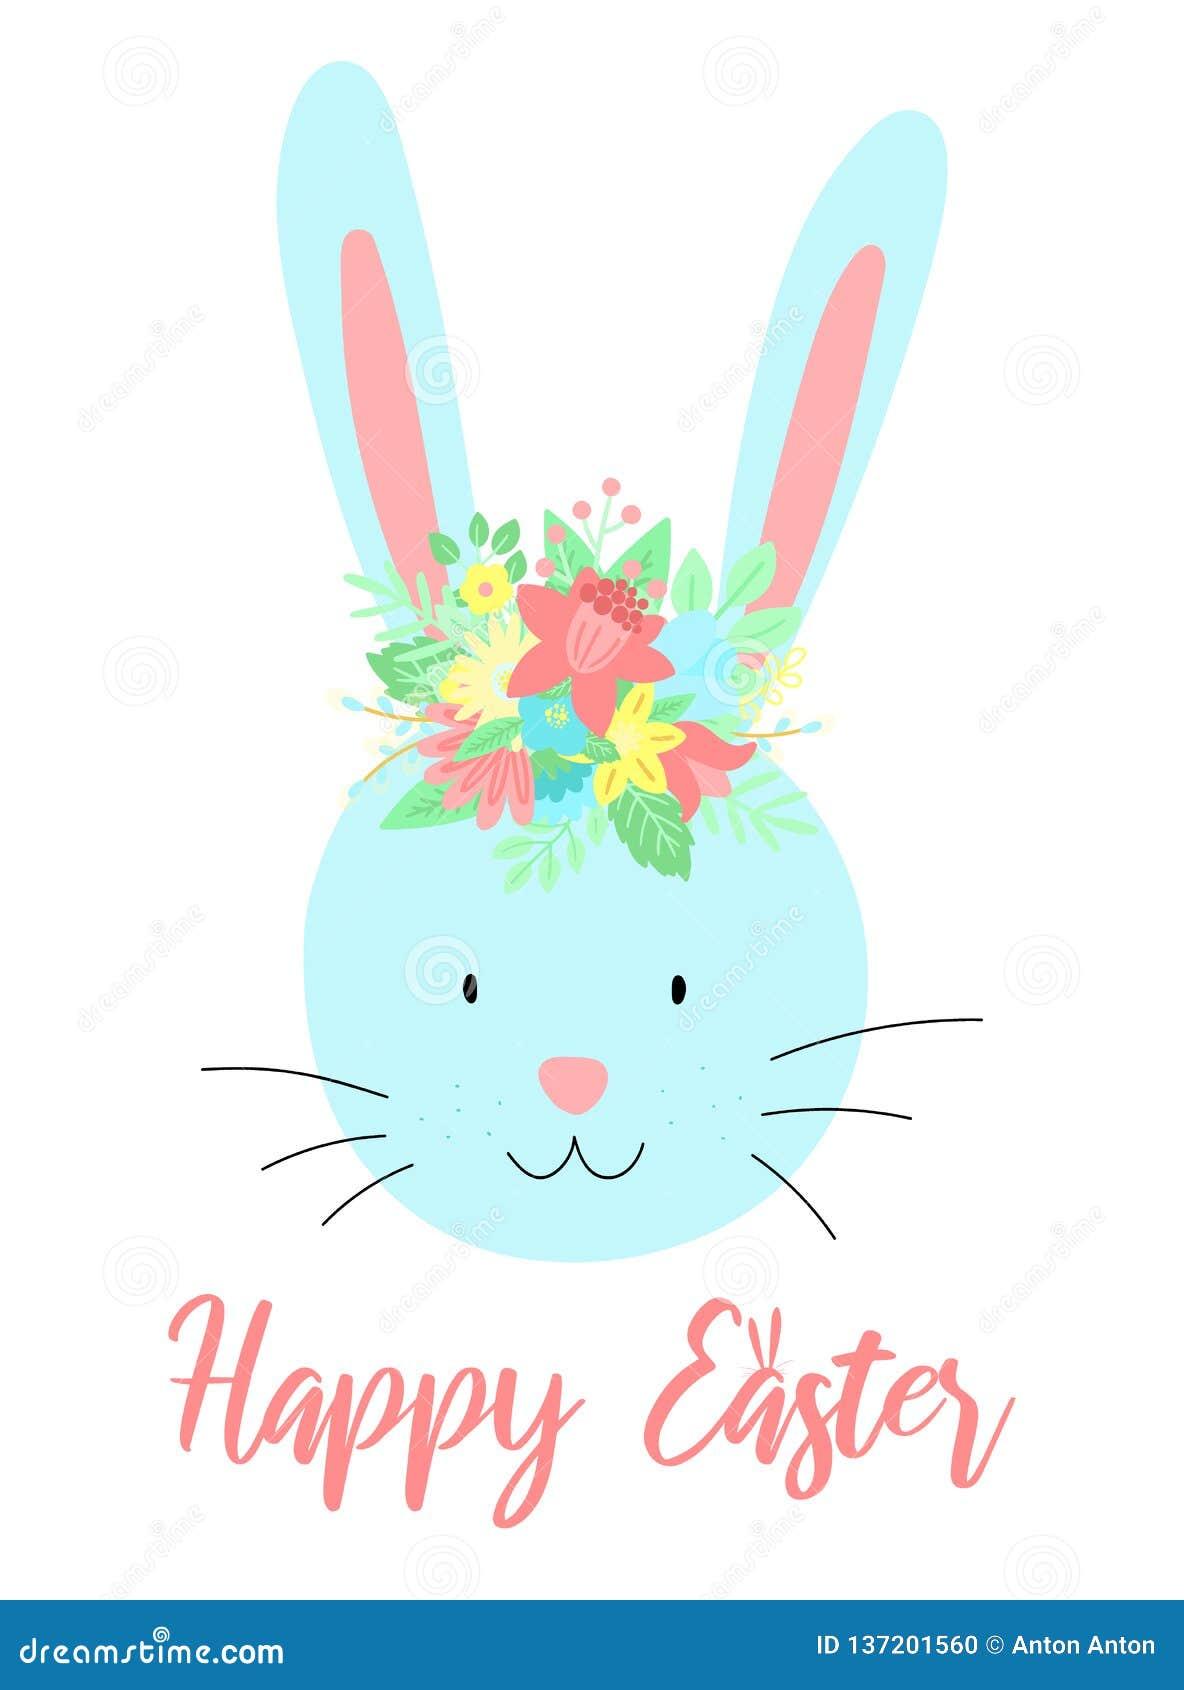 Immagine di vettore di un coniglio sveglio con i fiori sulla testa con un iscrizione Illustrazione disegnata a mano di Pasqua di